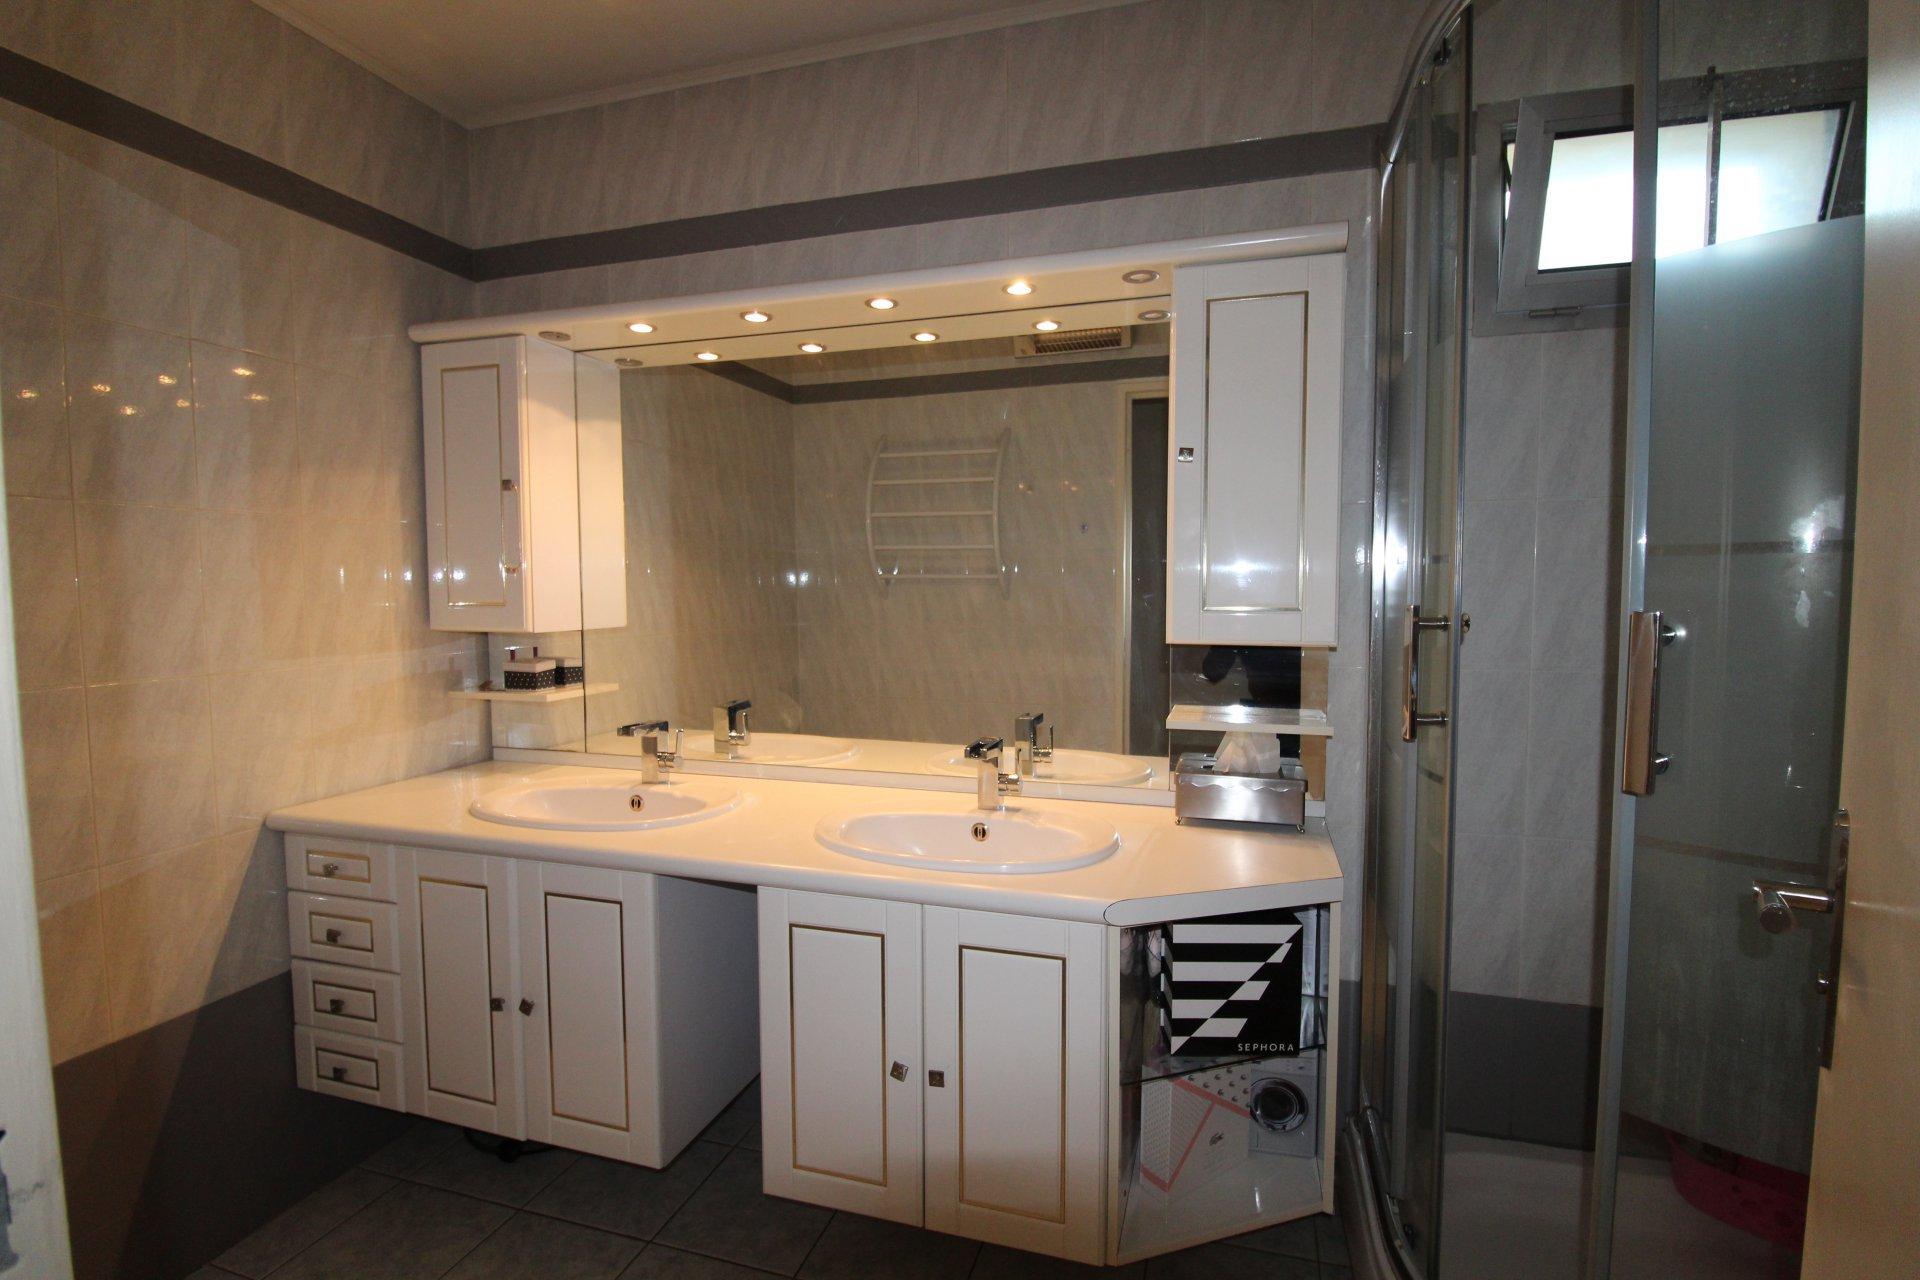 Appartement Saint-Etienne / Bergson 4 pièces 95m2 avec balcon et garage